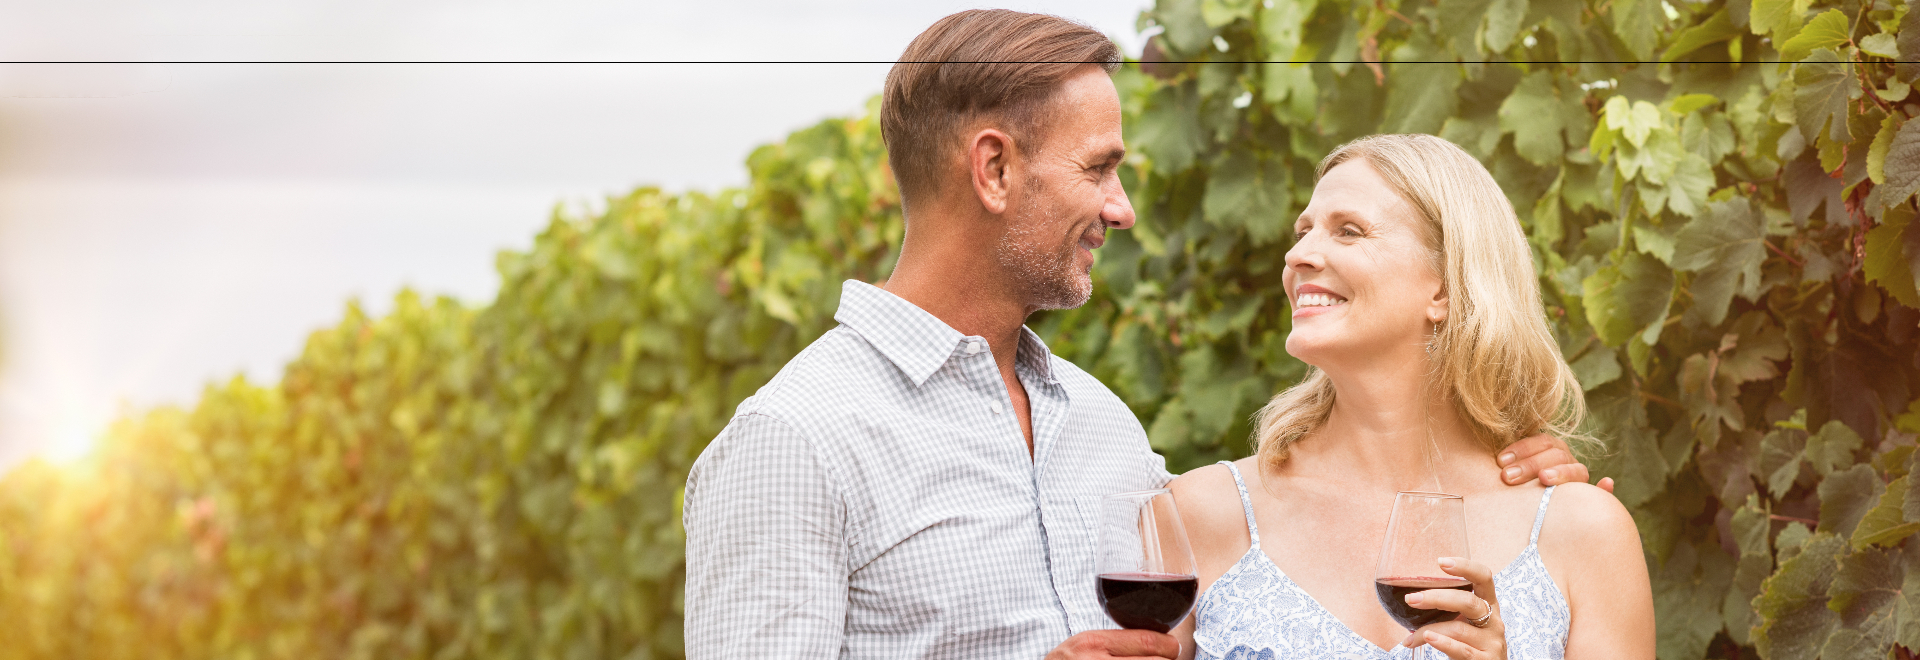 τ.υ, online dating Αυστραλία